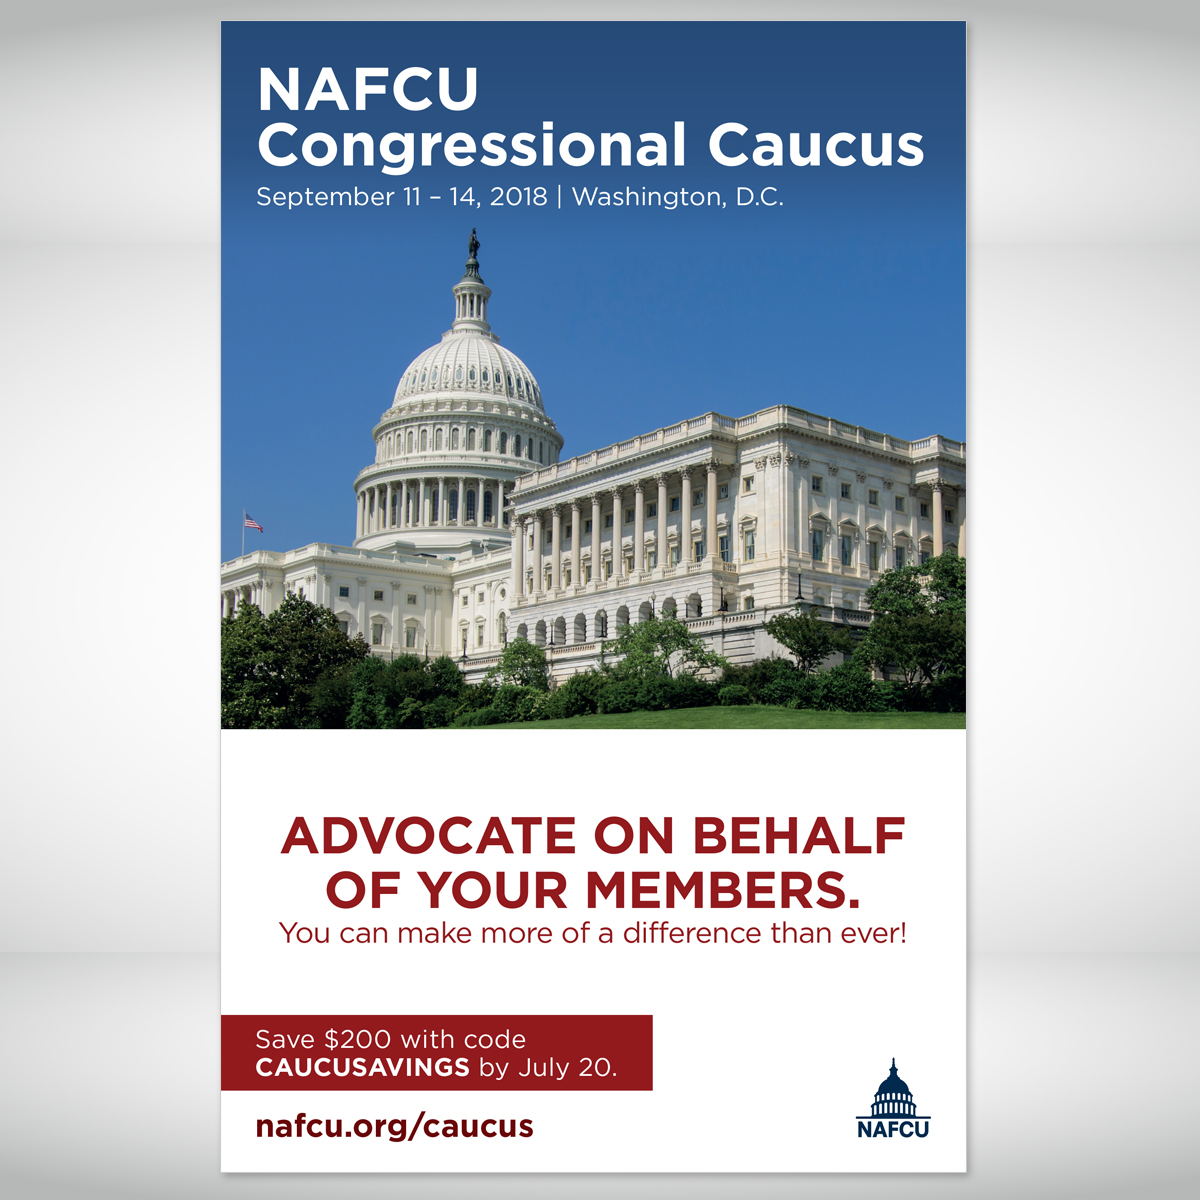 NAFCU Posters 5